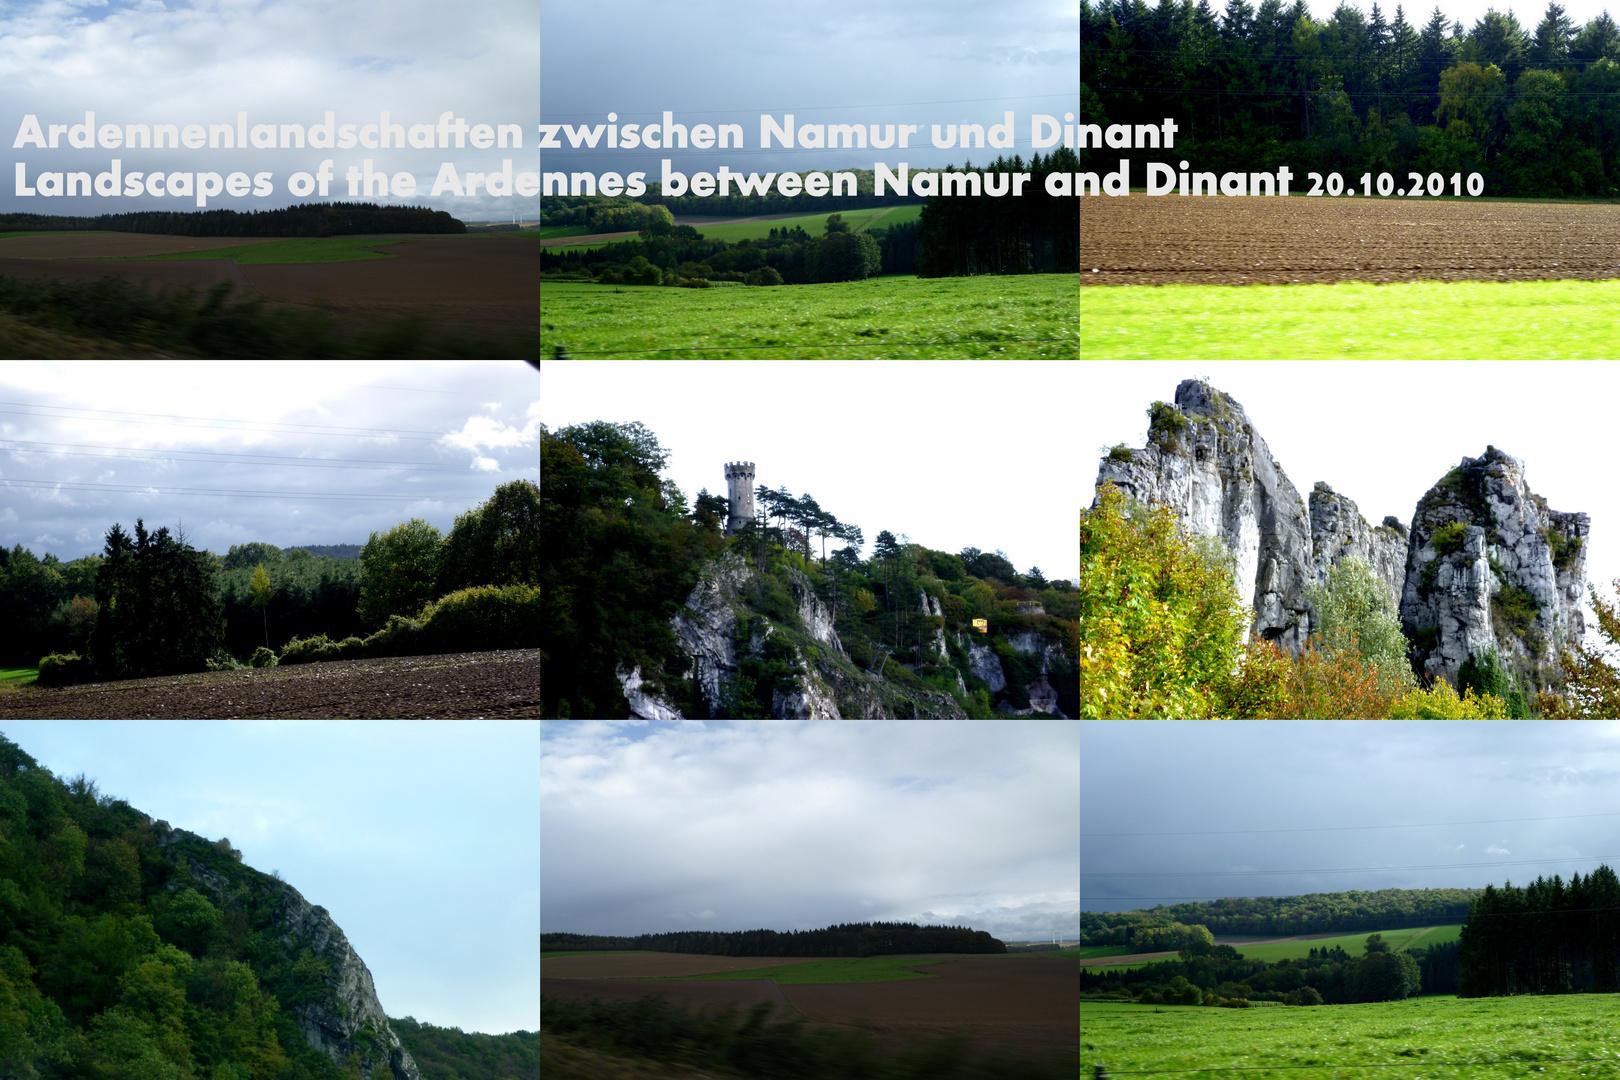 Namur bis Dinant - Landschaften in den Ardennen in Wallonien/ Belgien